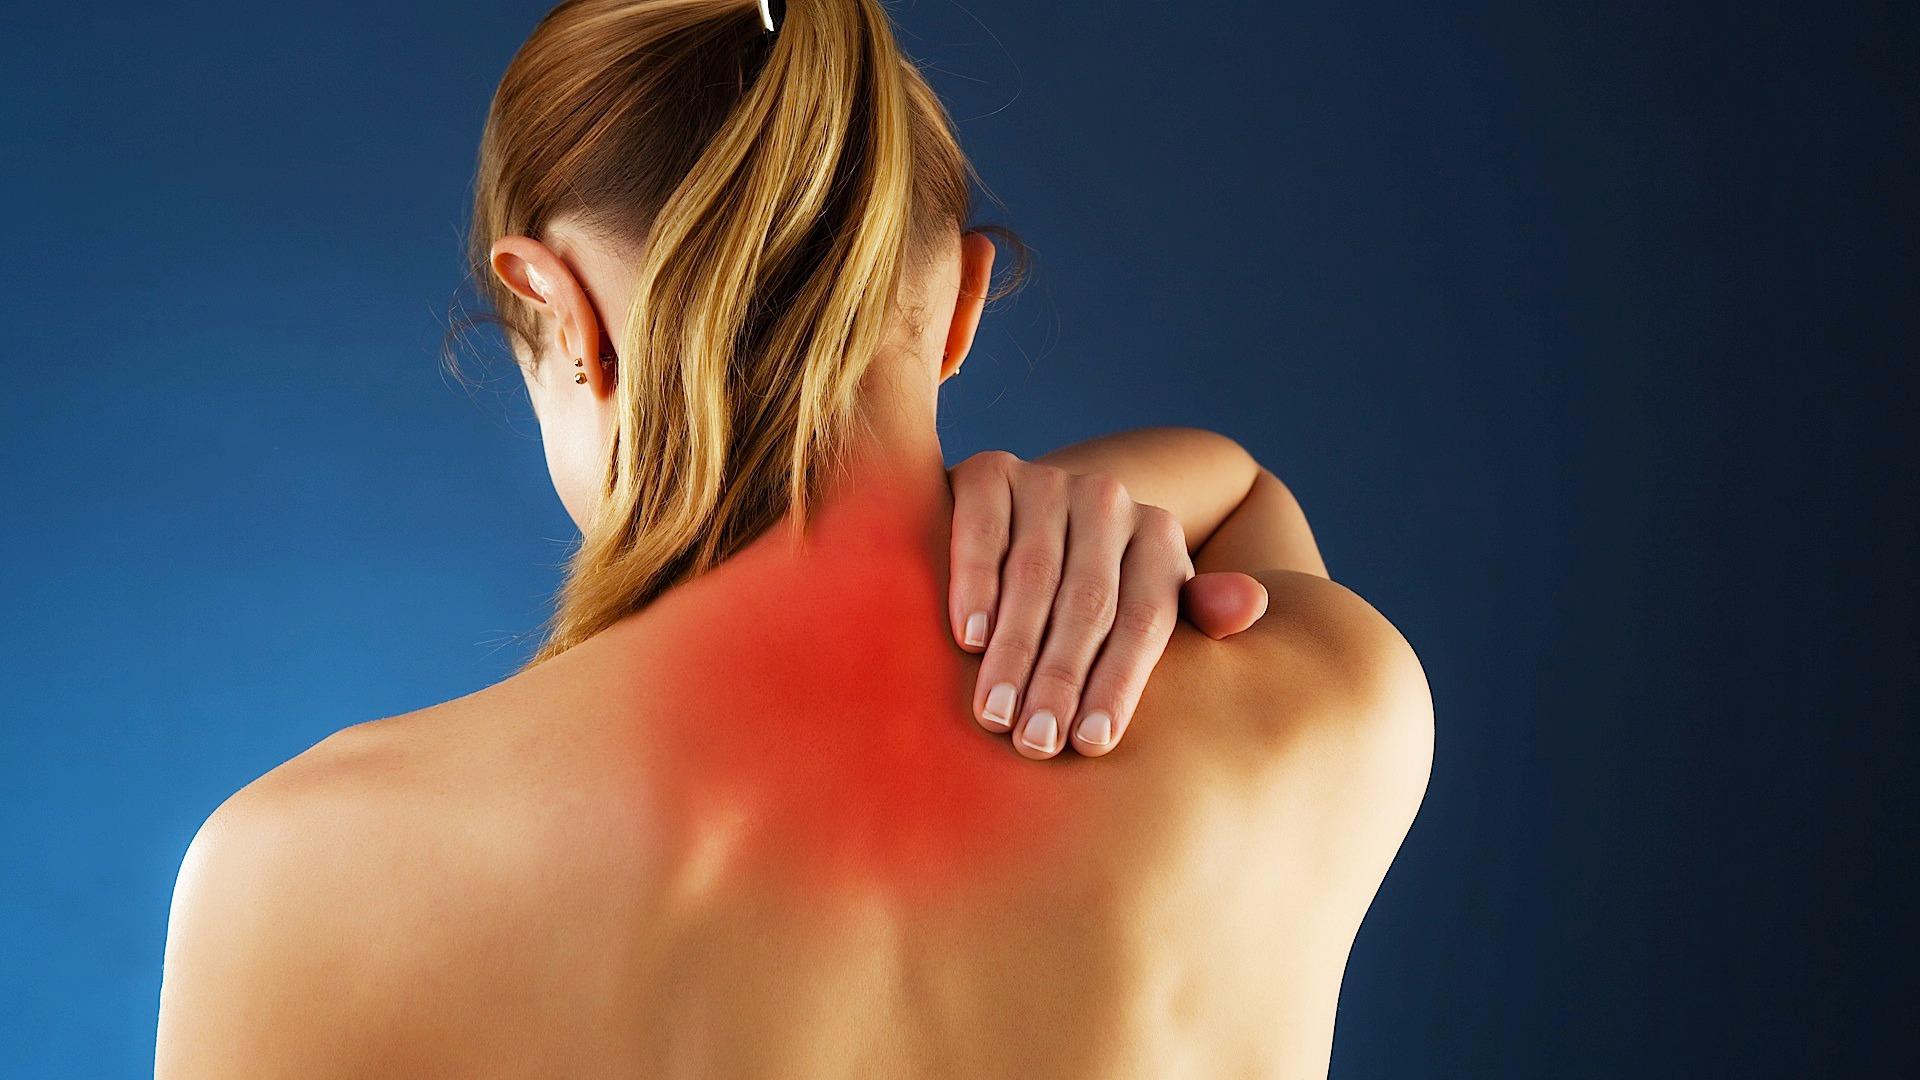 Миозит: классификация, симптомы, профилактика и лечение мышц спины и шеи у взрослых и детей в домашних условиях